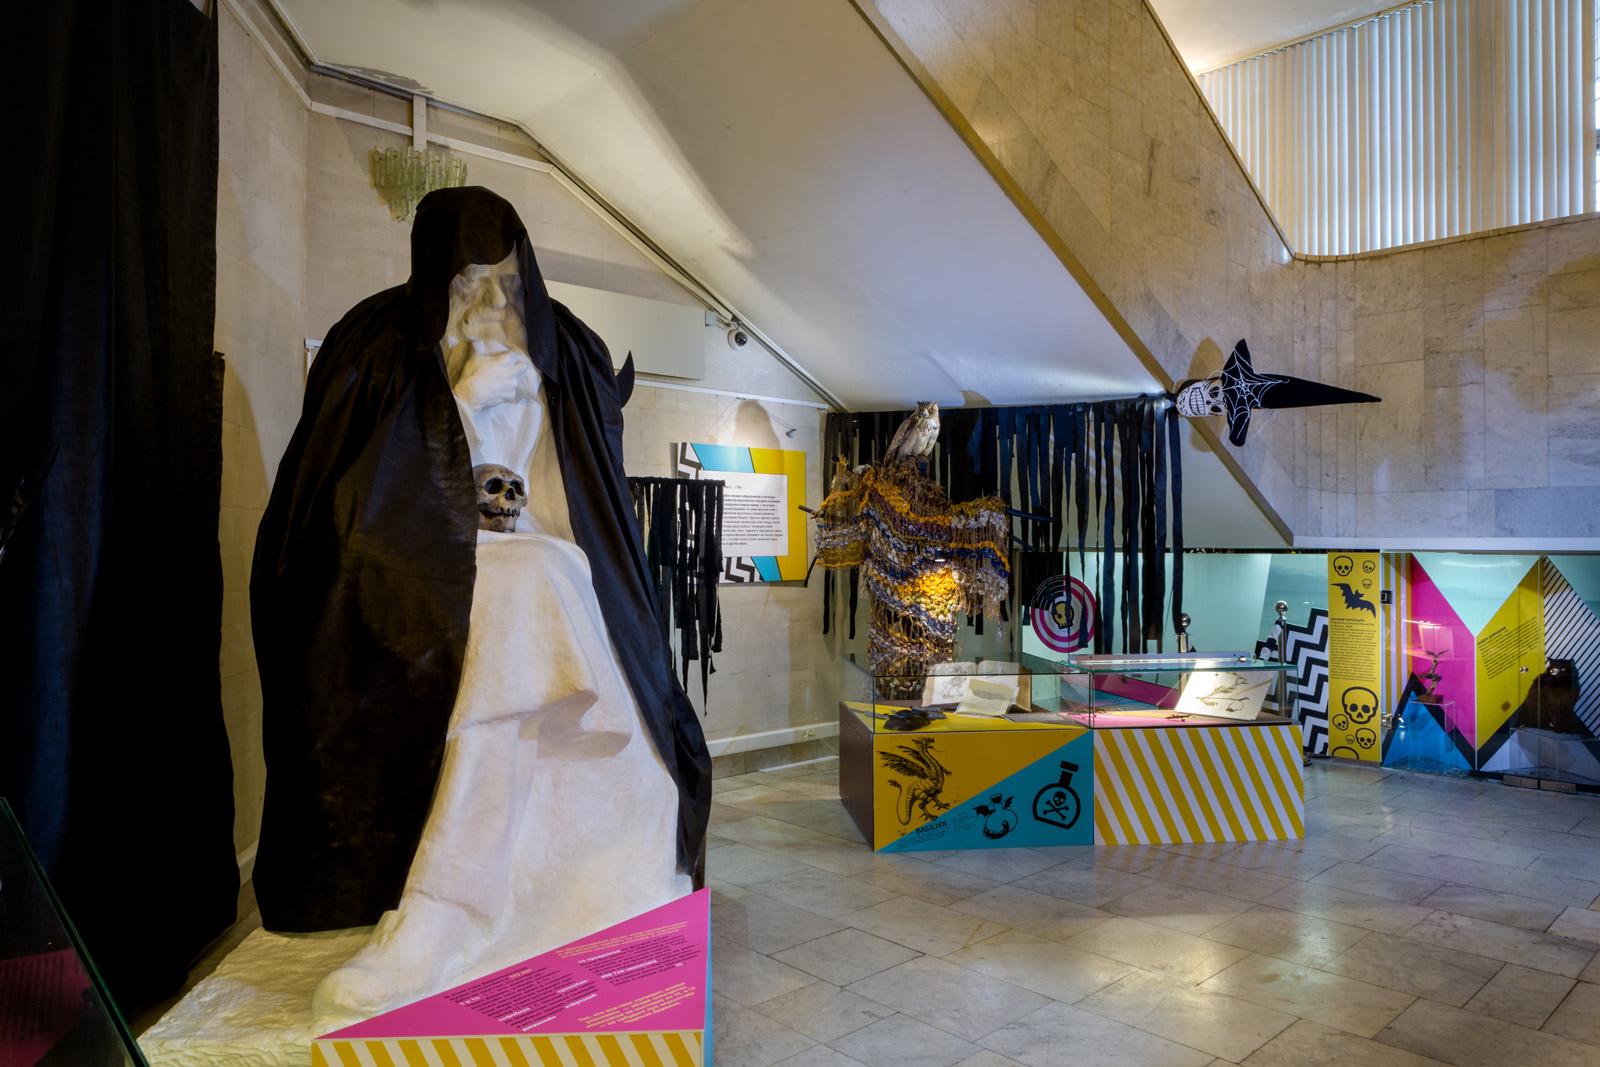 Чертова дюжина: в Дарвиновском музее отметят 113 лет со дня основания